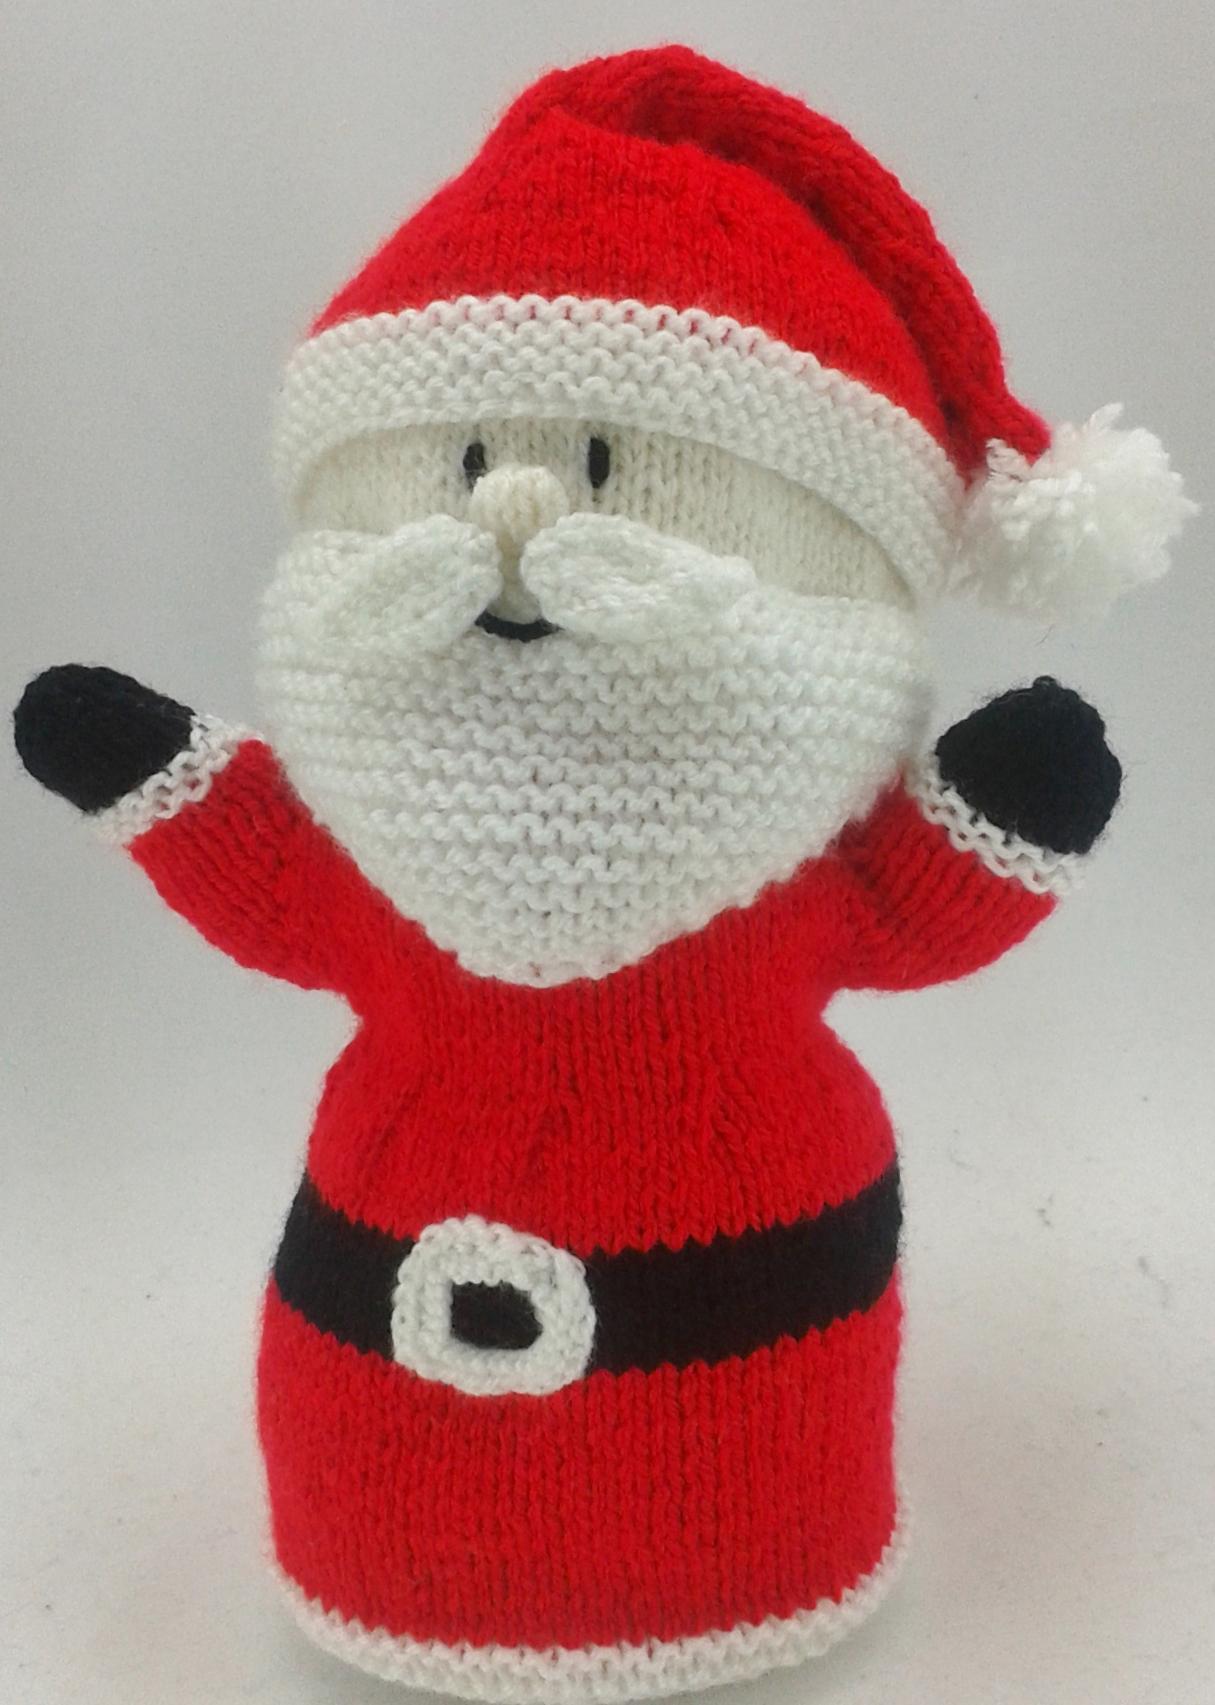 Easy Finger Puppet Knitting Pattern : Santa hand puppet knitting pattern by post